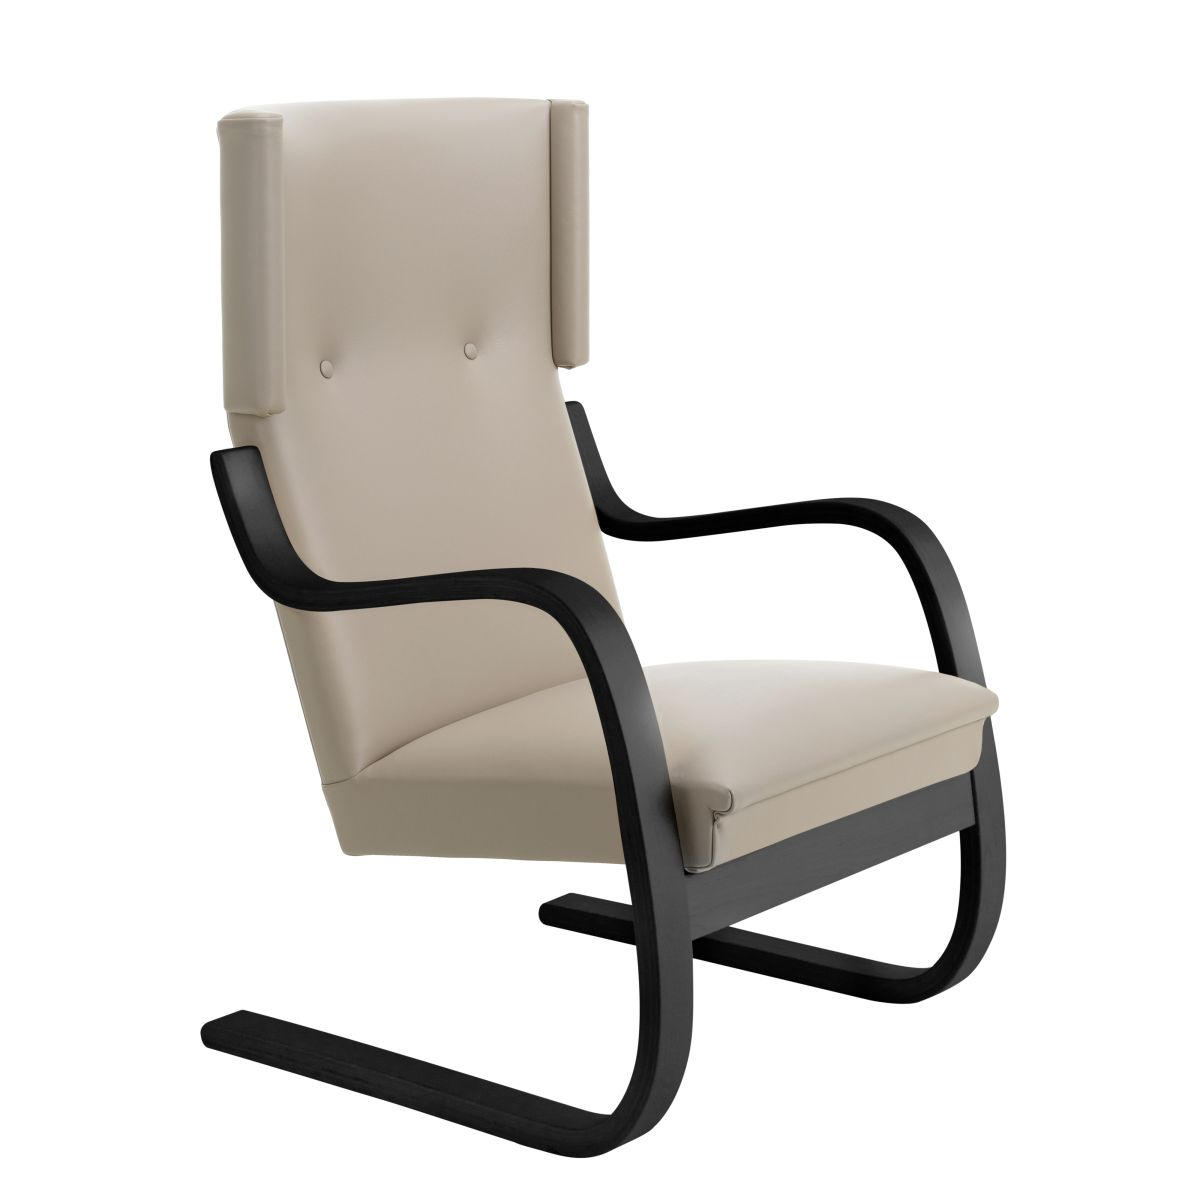 Armchair-401-birch-black-laquer_seat-upholstery-Sörensen-Prestige-beige_F-2912662